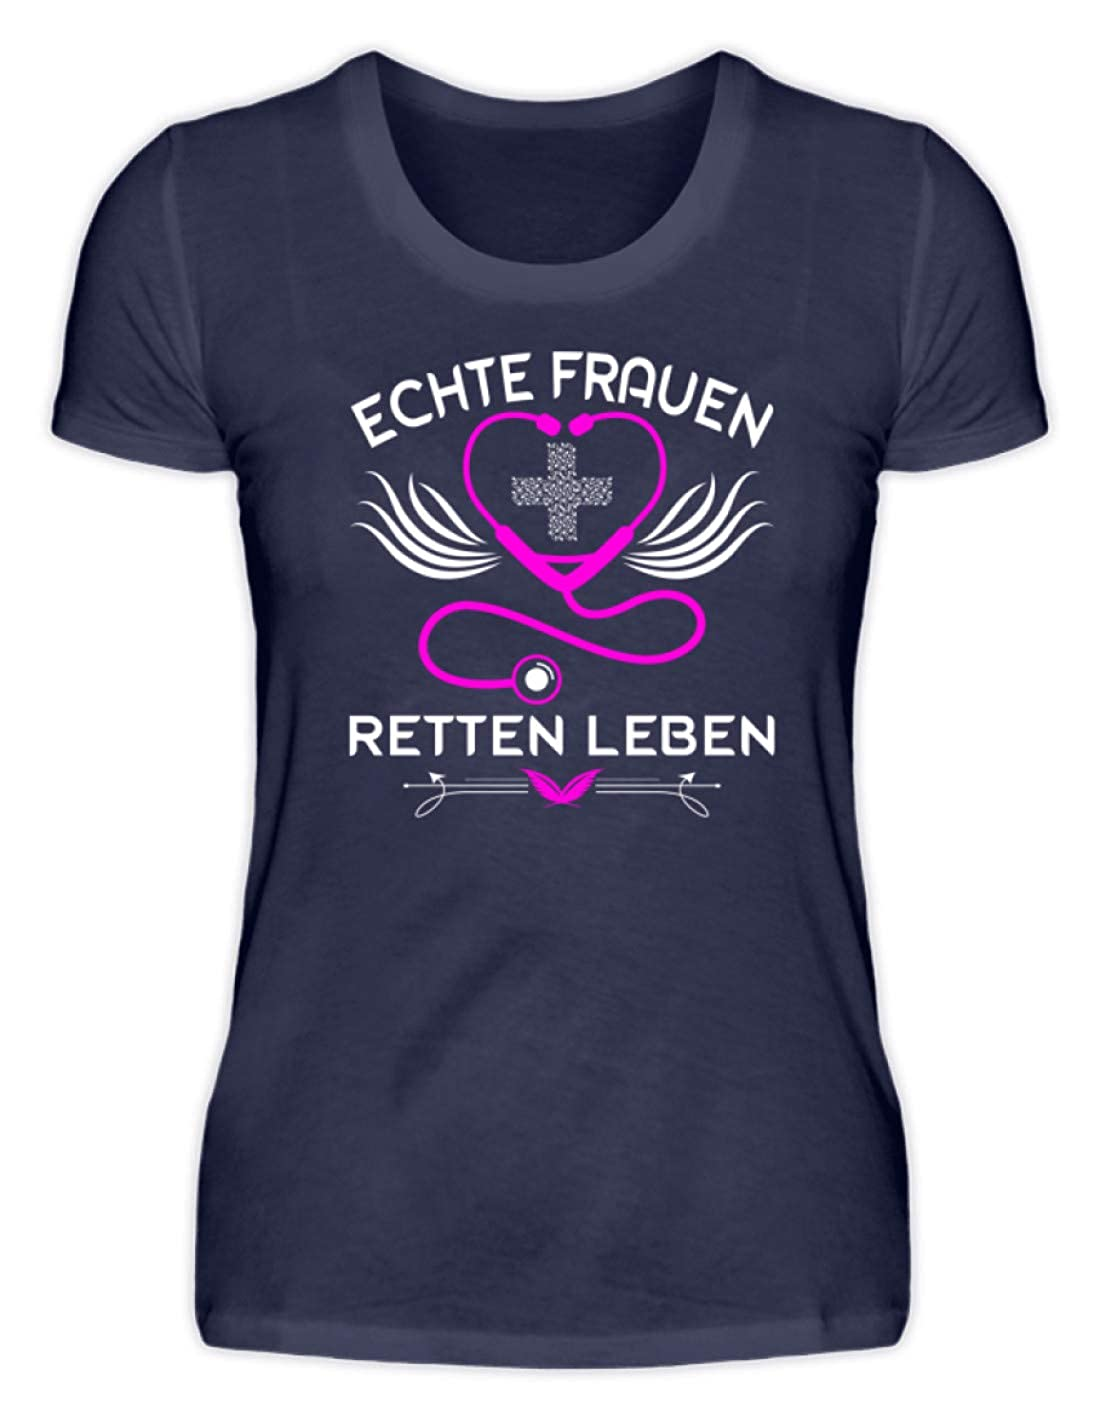 Krankenschwester Shirt /· Geschenk f/ür Pflegekr/äfte /· Spruch Echte Frauen Retten Leben Hochwertiges Damenshirt